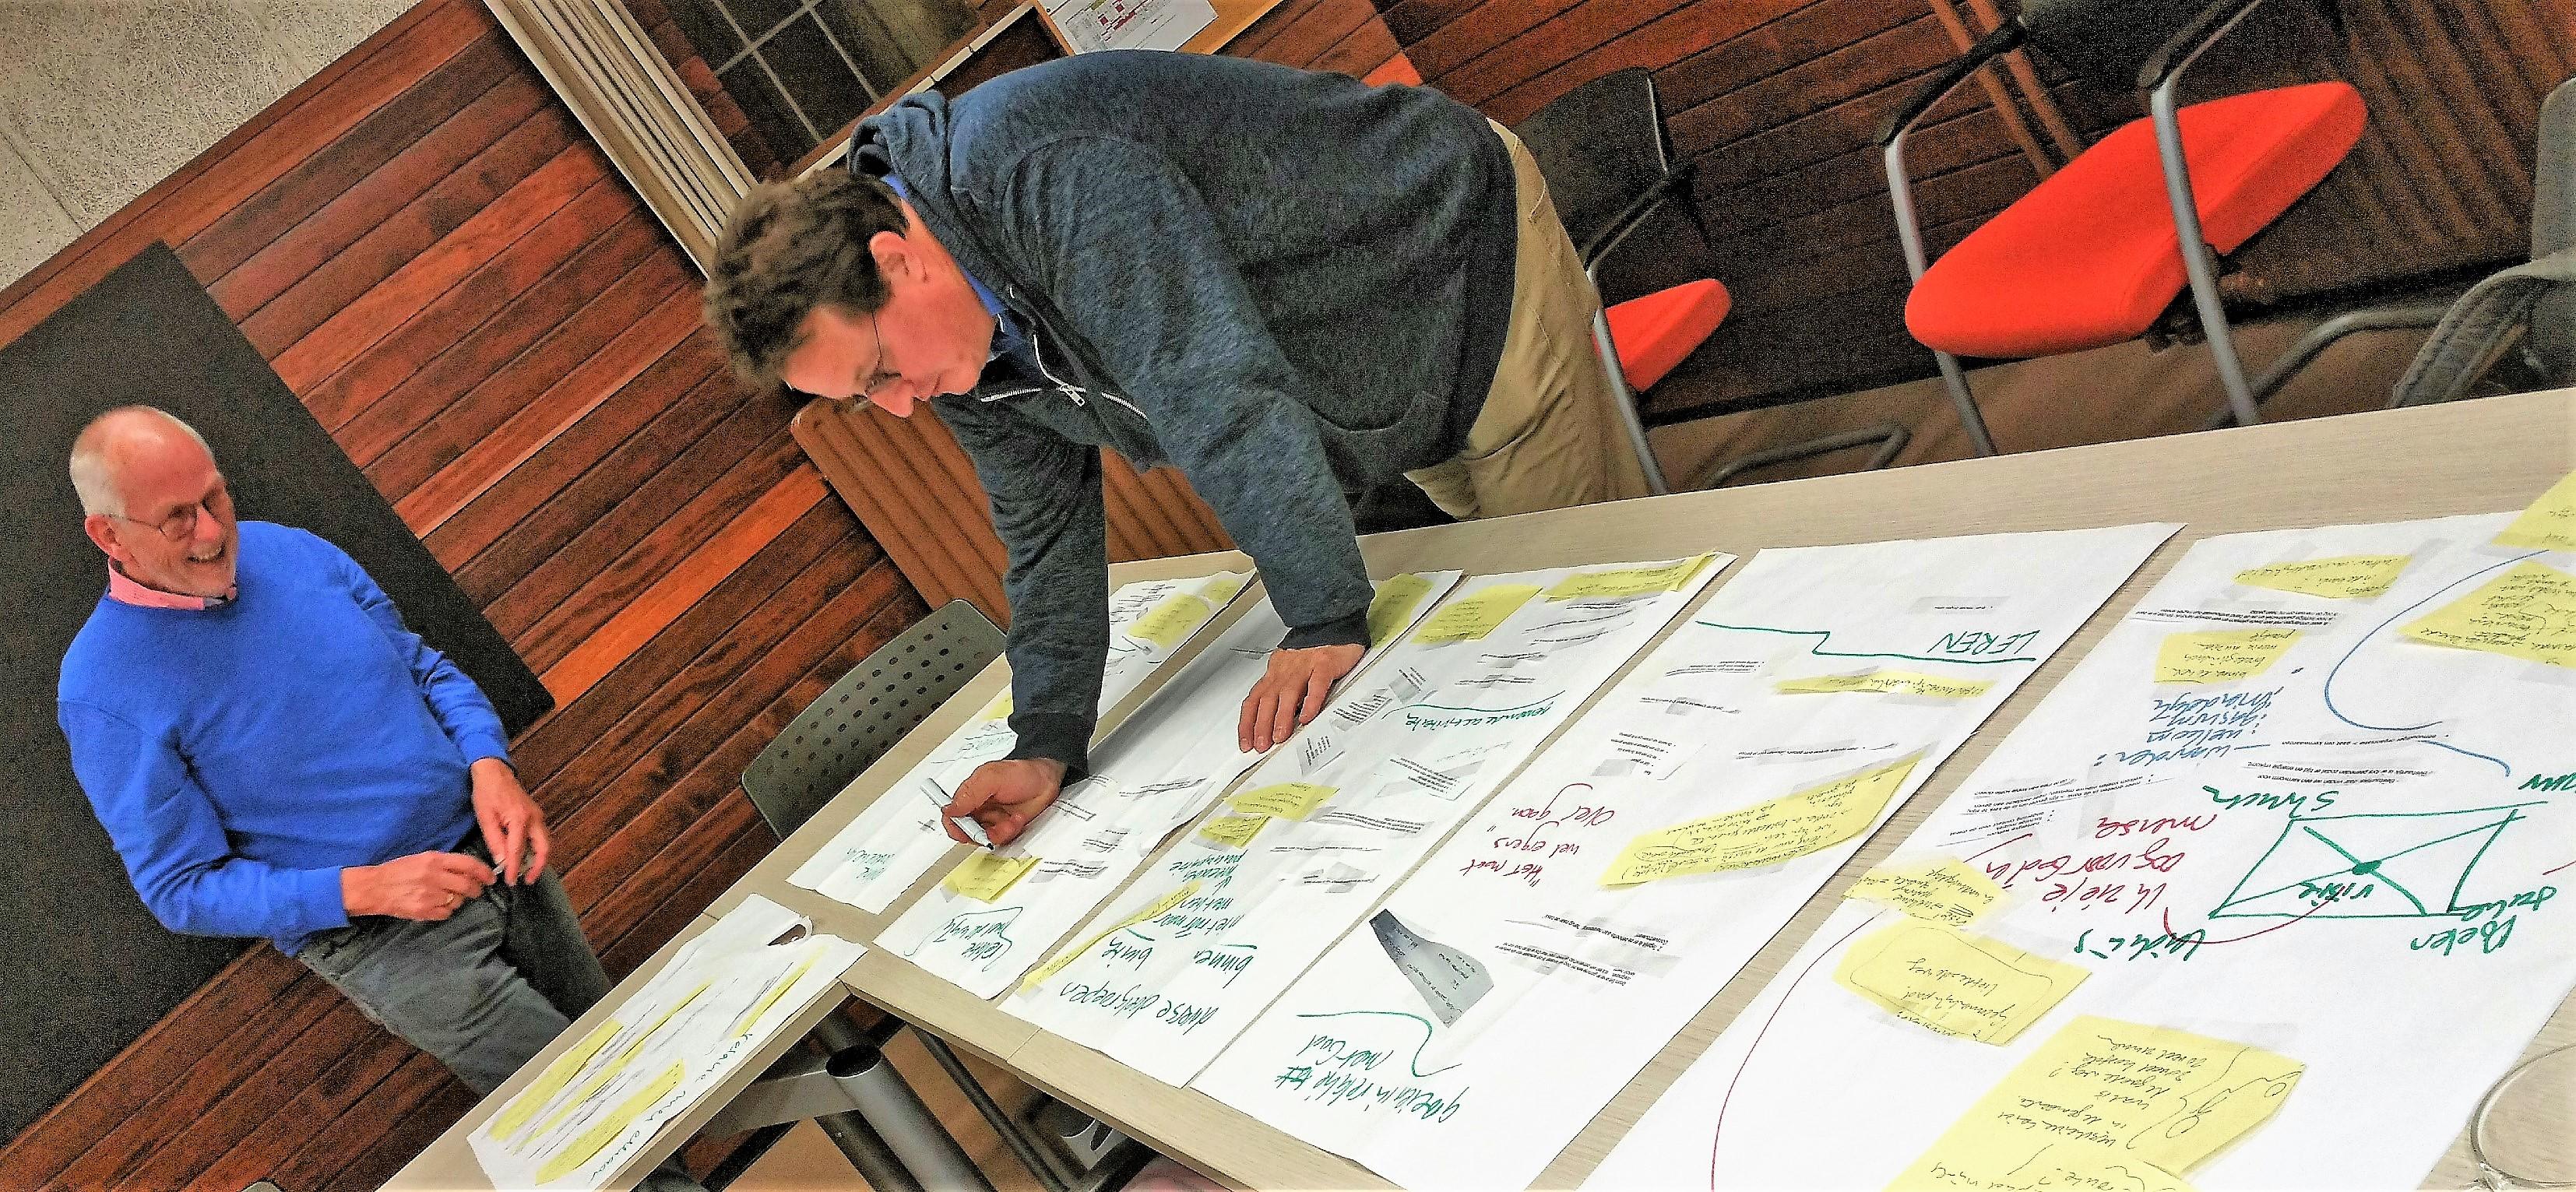 dromen van gemeenteleden analyseren - waarderende gemeenteopbouw - waarderend actieoonderzoek